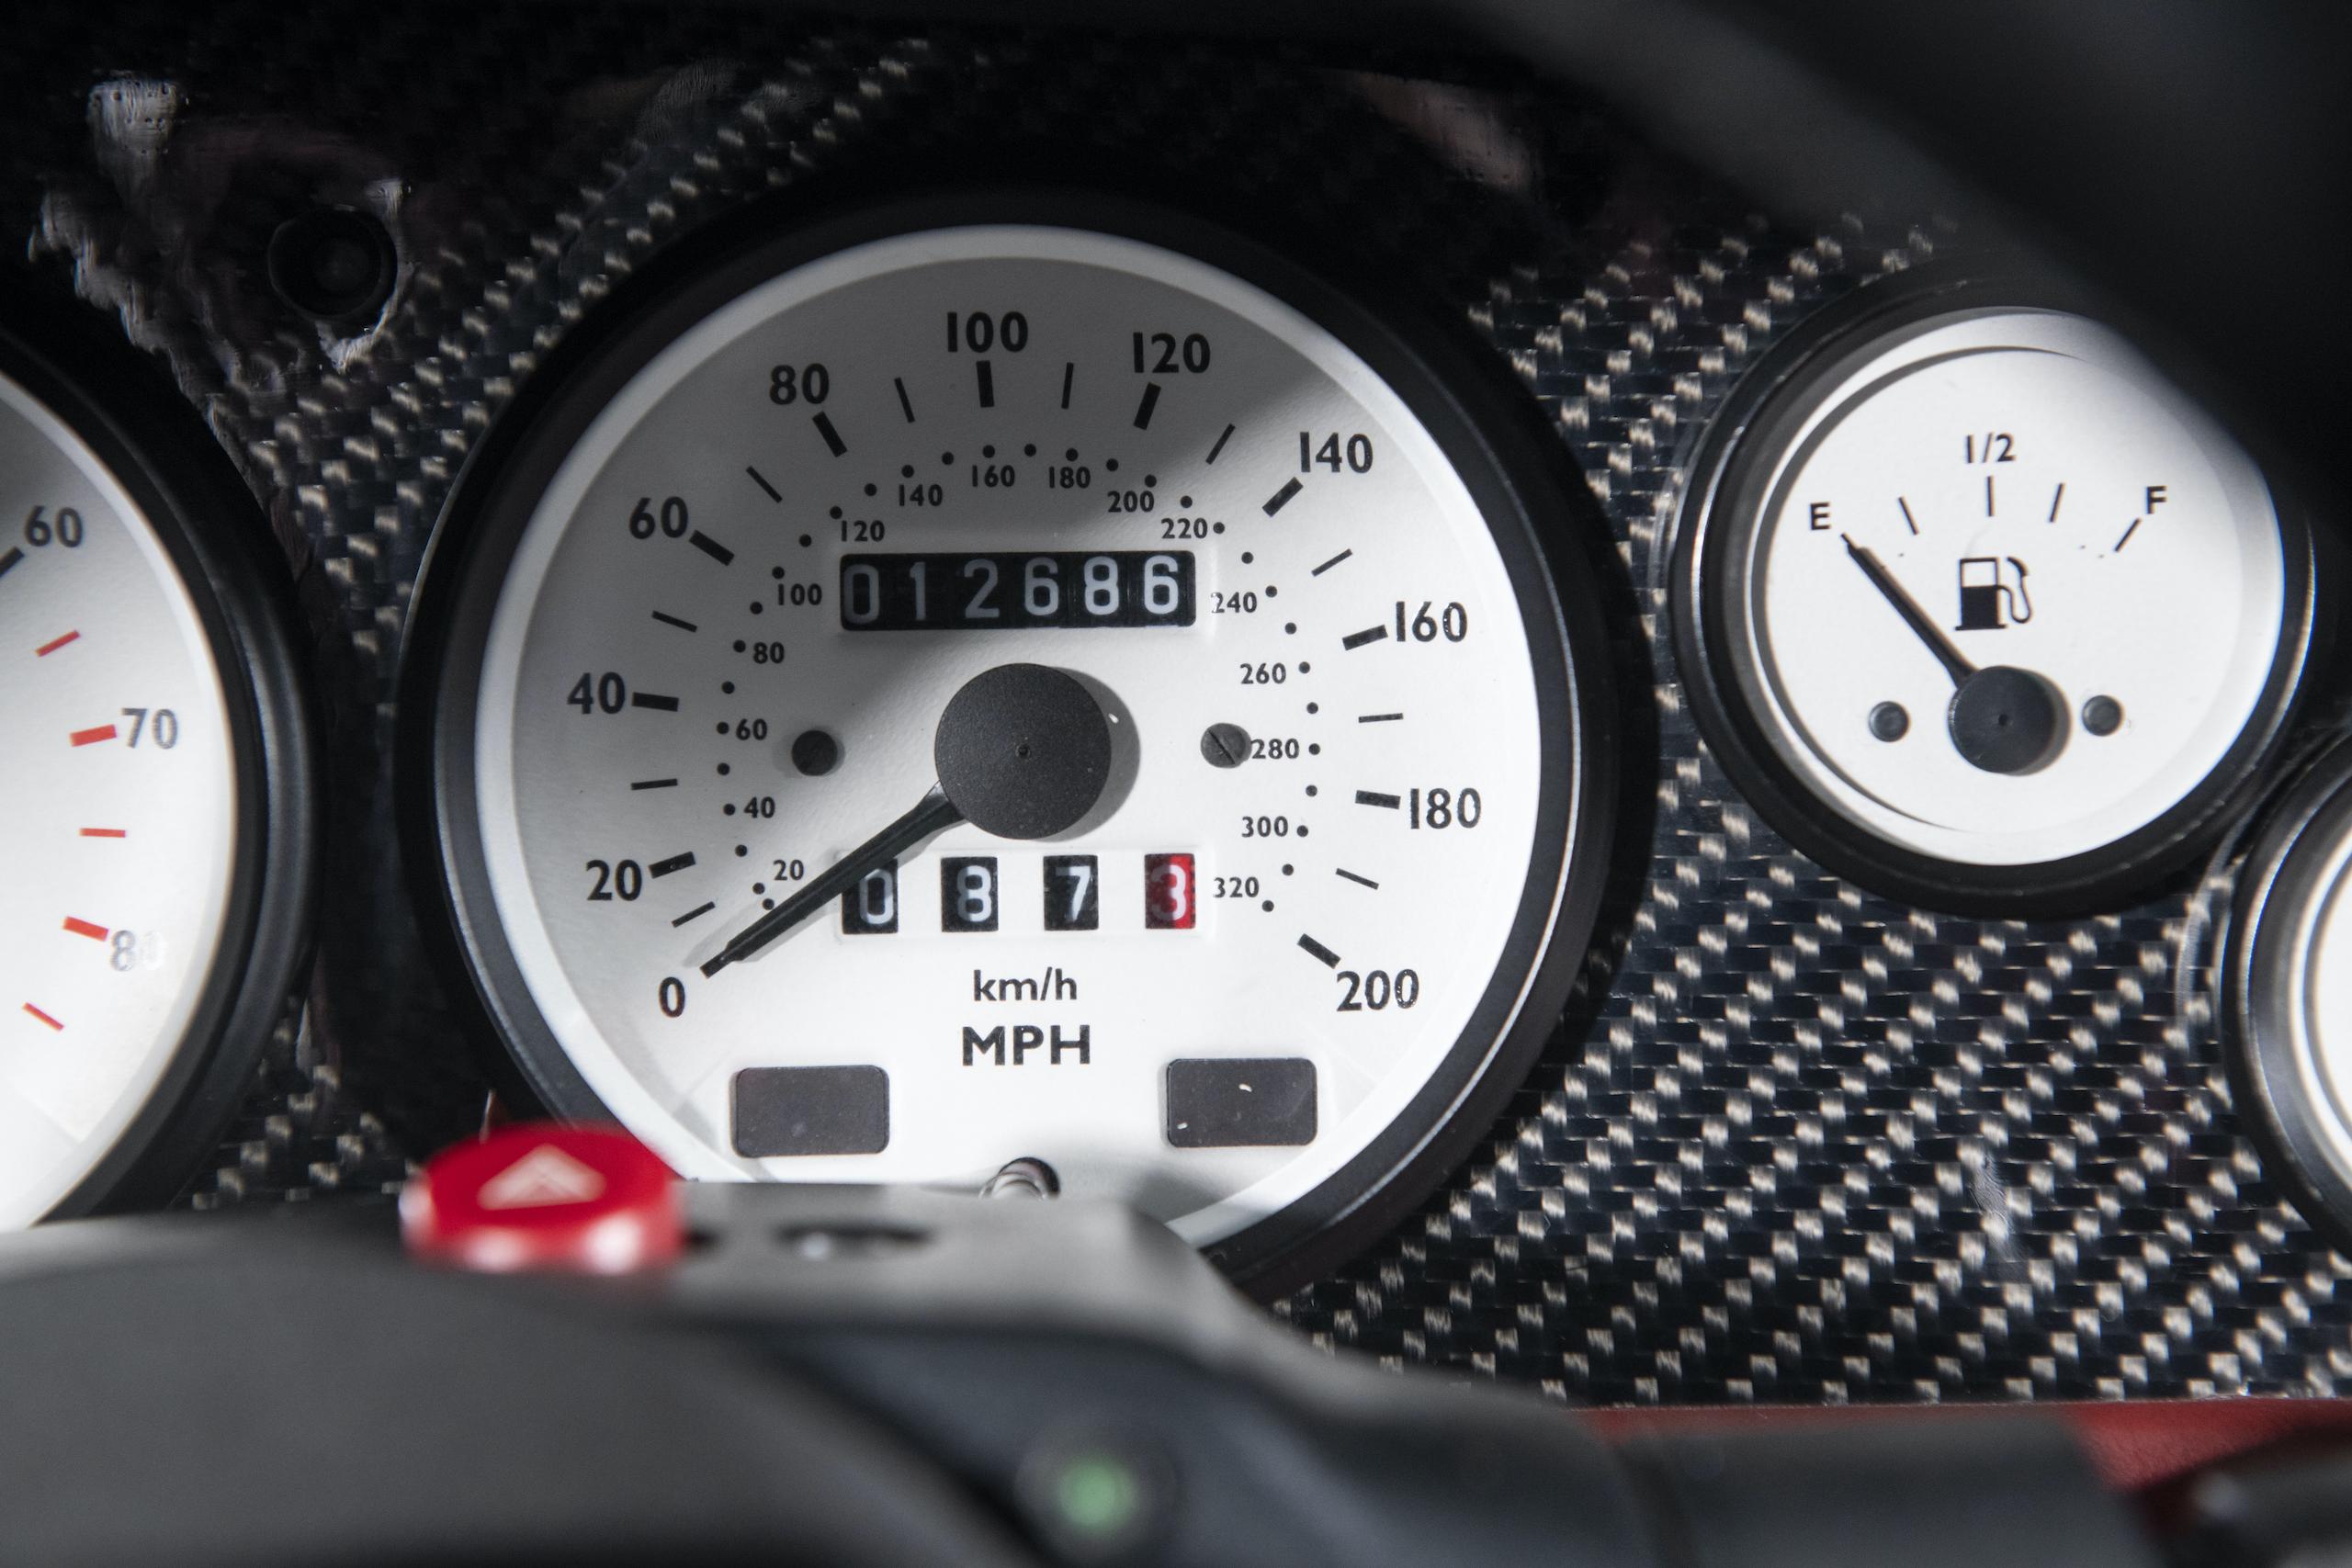 1997 Ascari Ecosse interior dash speedometer